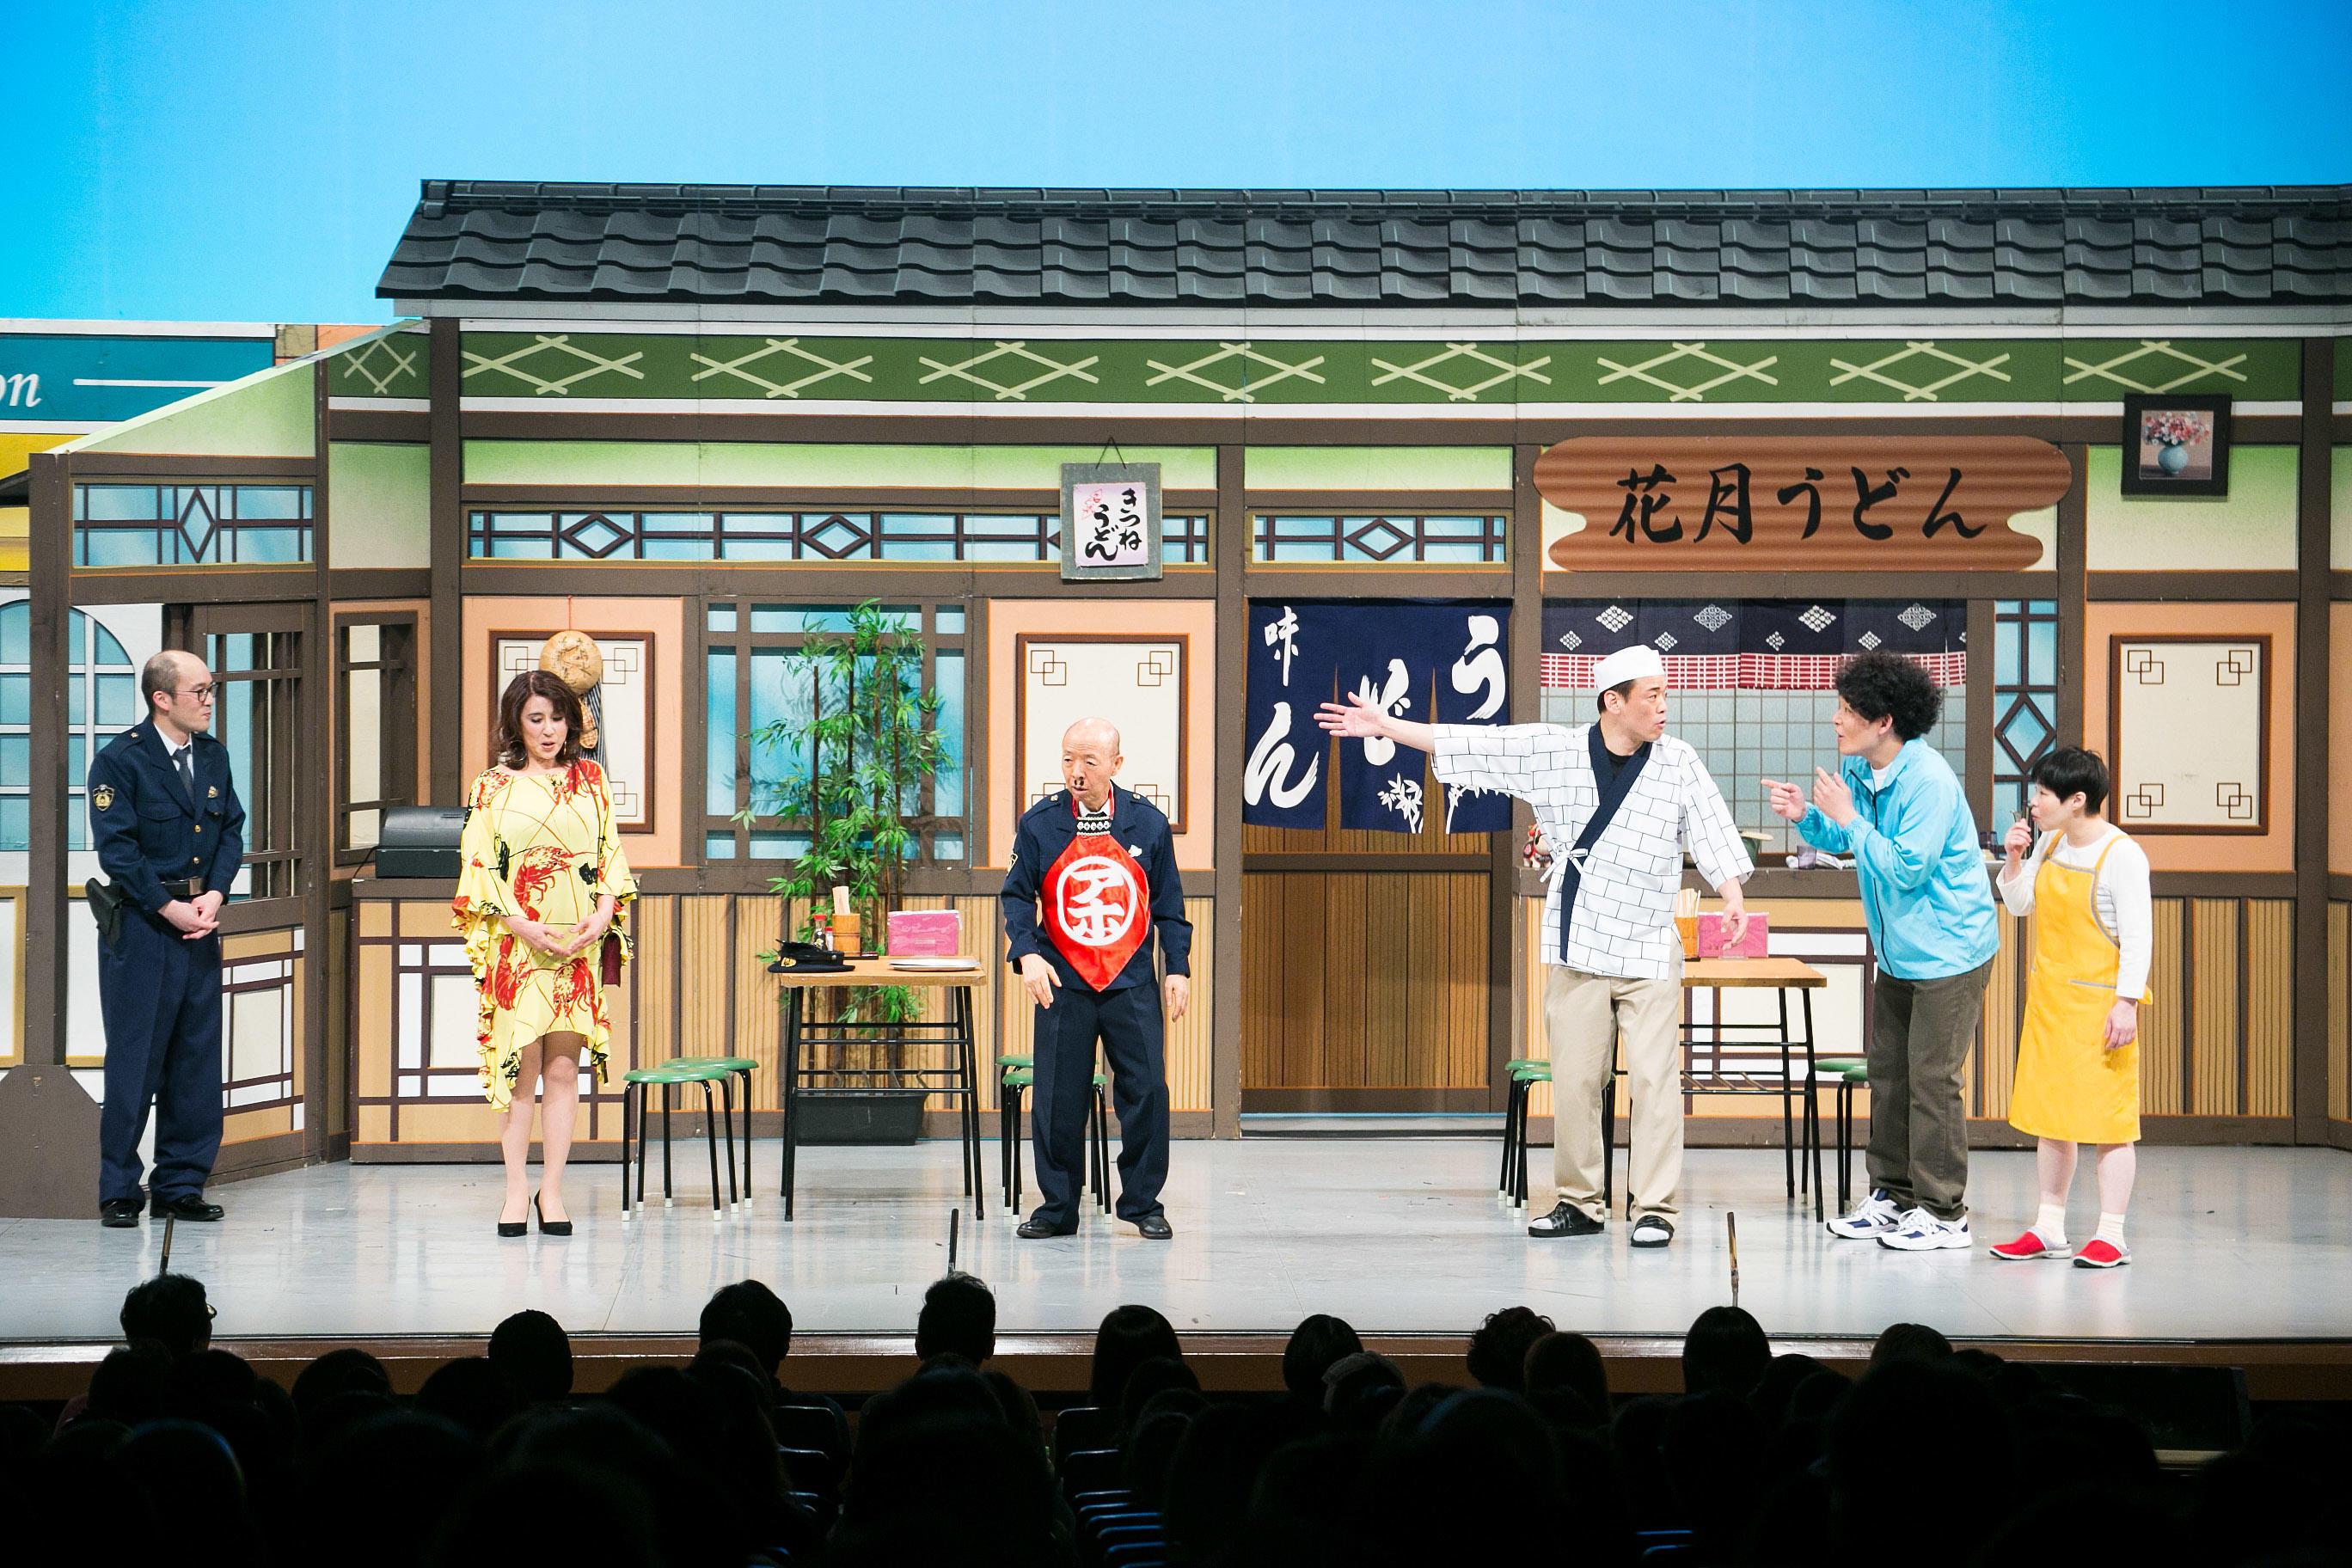 http://news.yoshimoto.co.jp/20180407101327-f64bdcbc9435ce1e5193c55370e014c200c525df.jpg